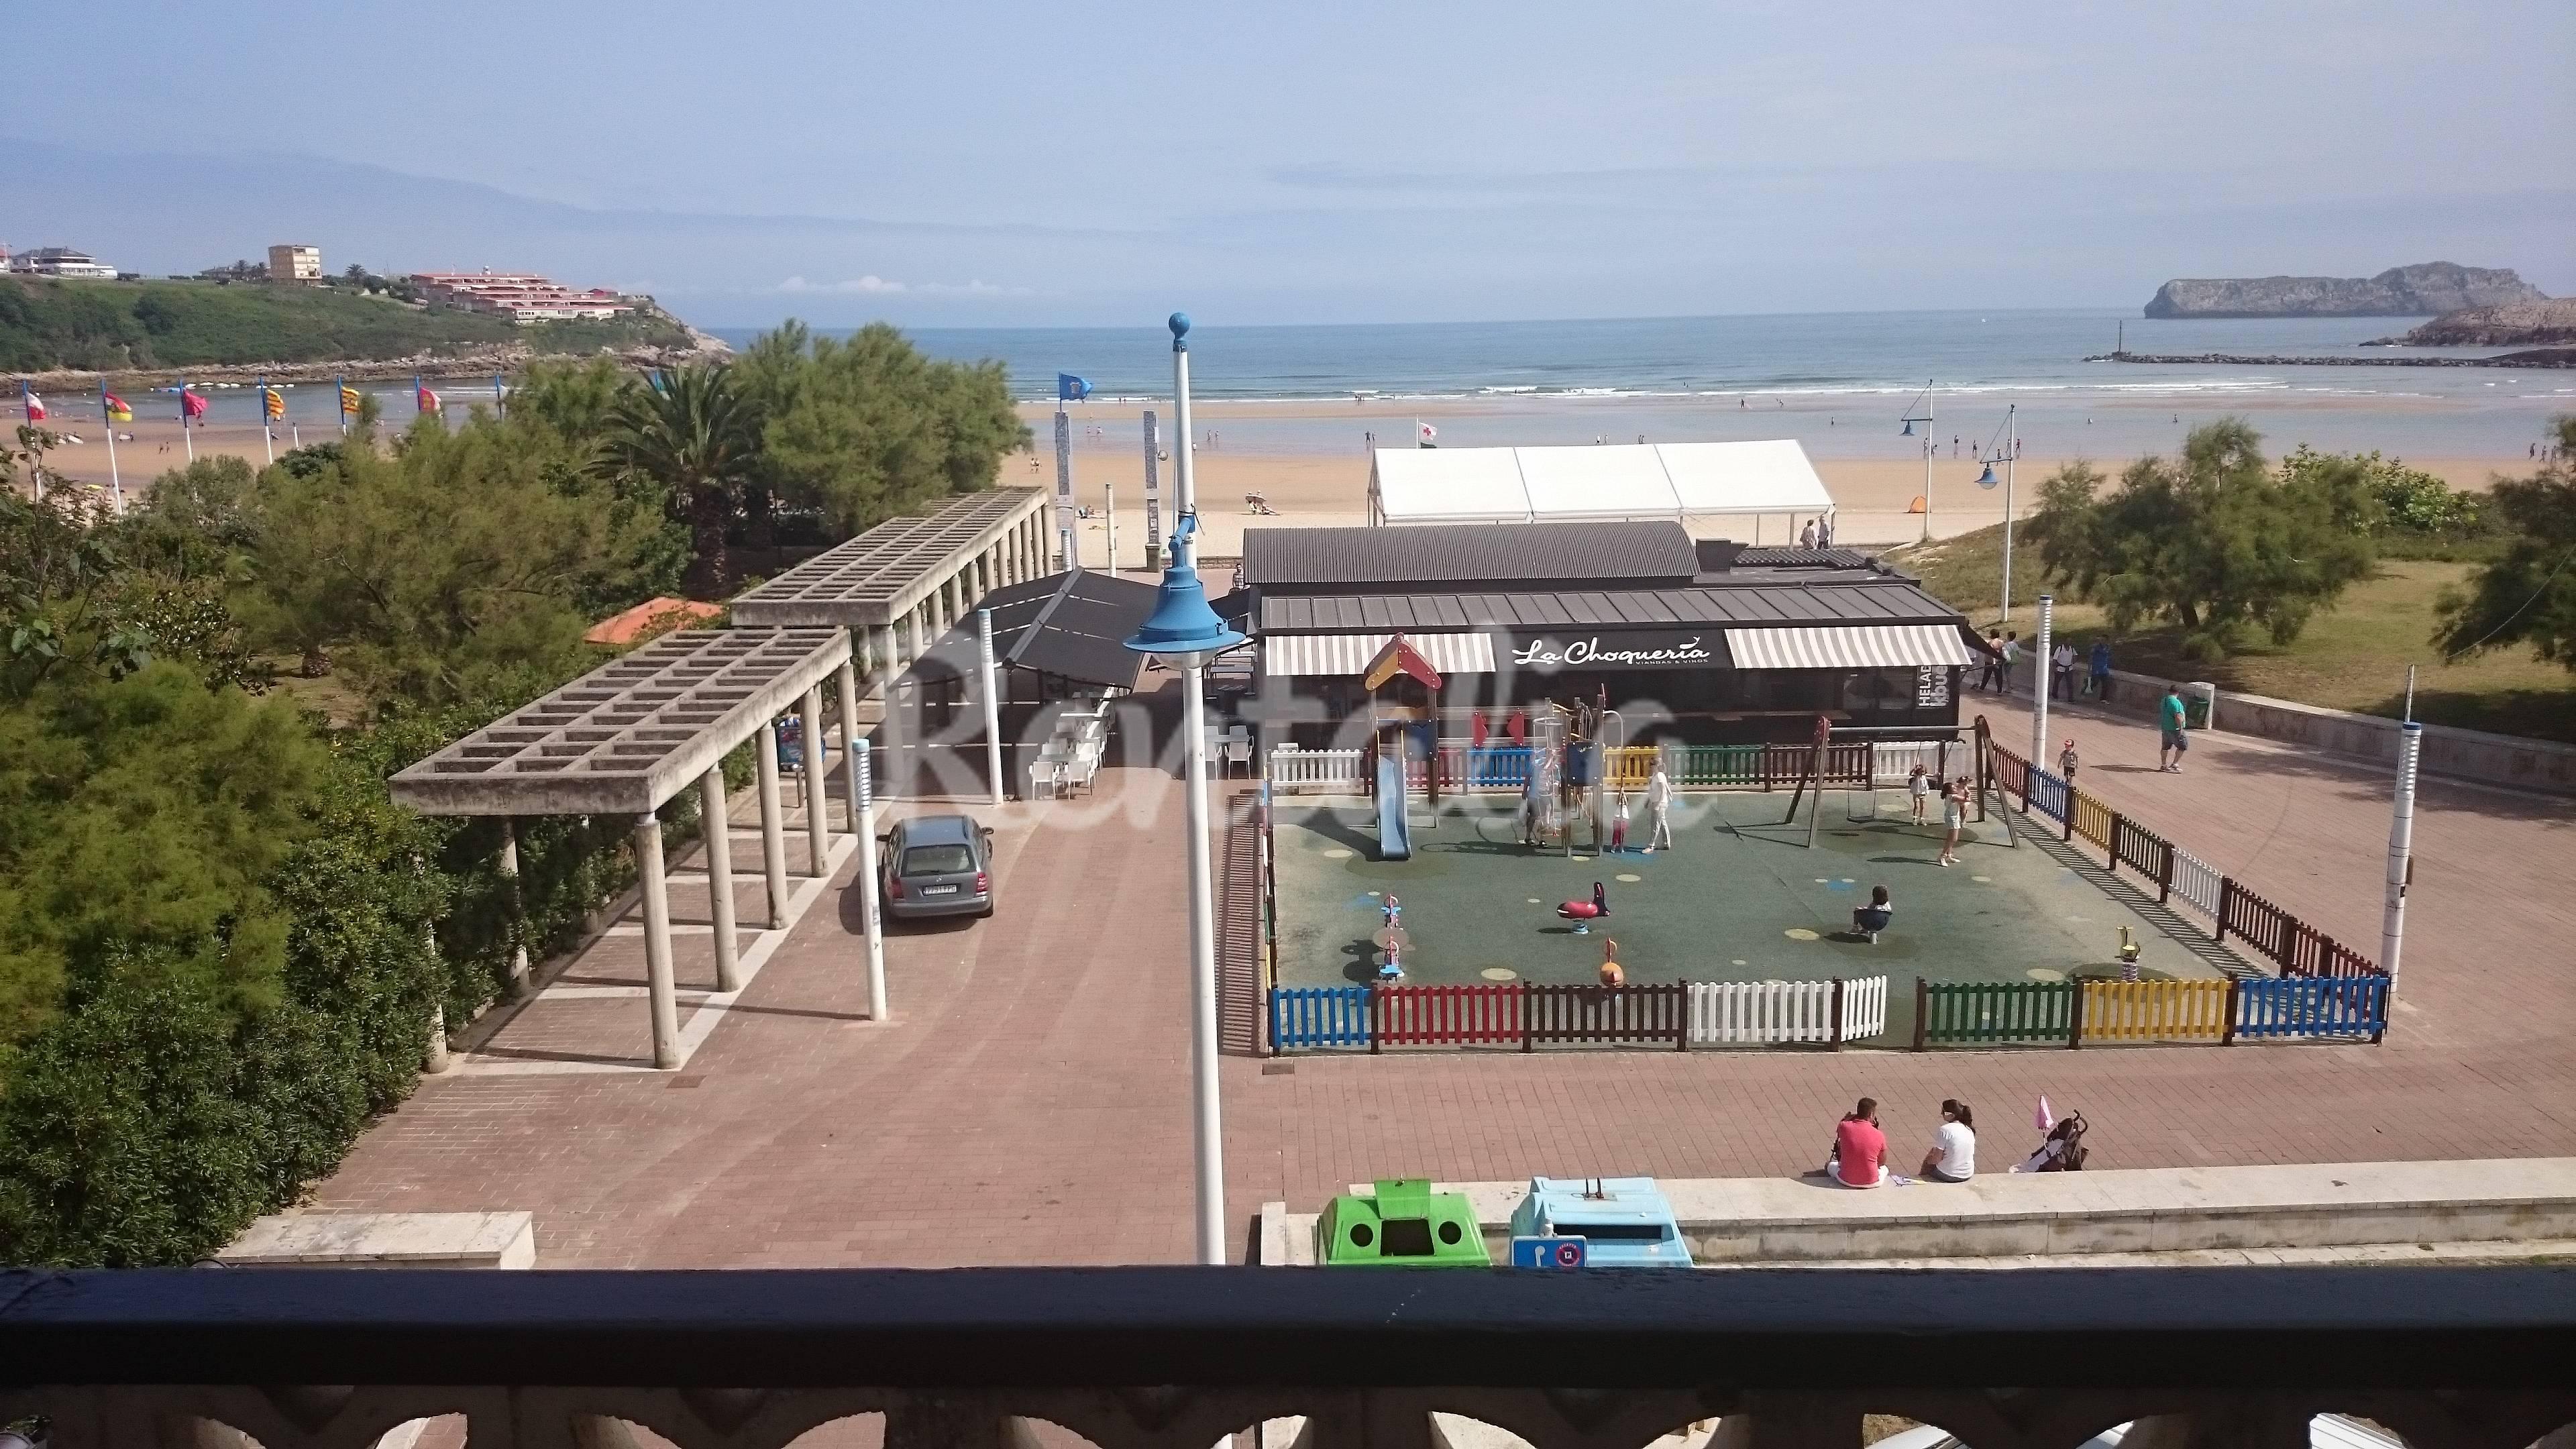 Apartamento en alquiler en 1a l nea de playa suances cantabria costa de cantabria - Apartamentos en cantabria playa ...